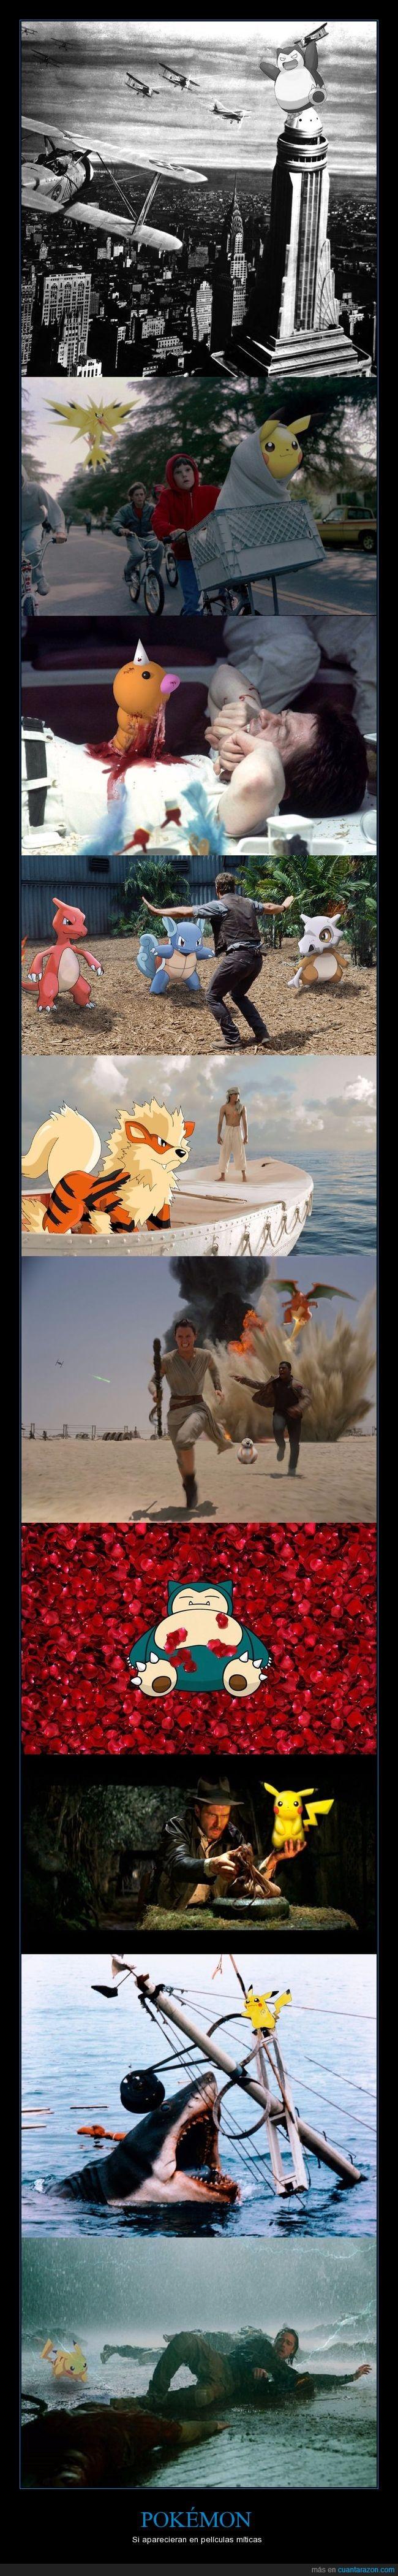 cine,películas,pokémon